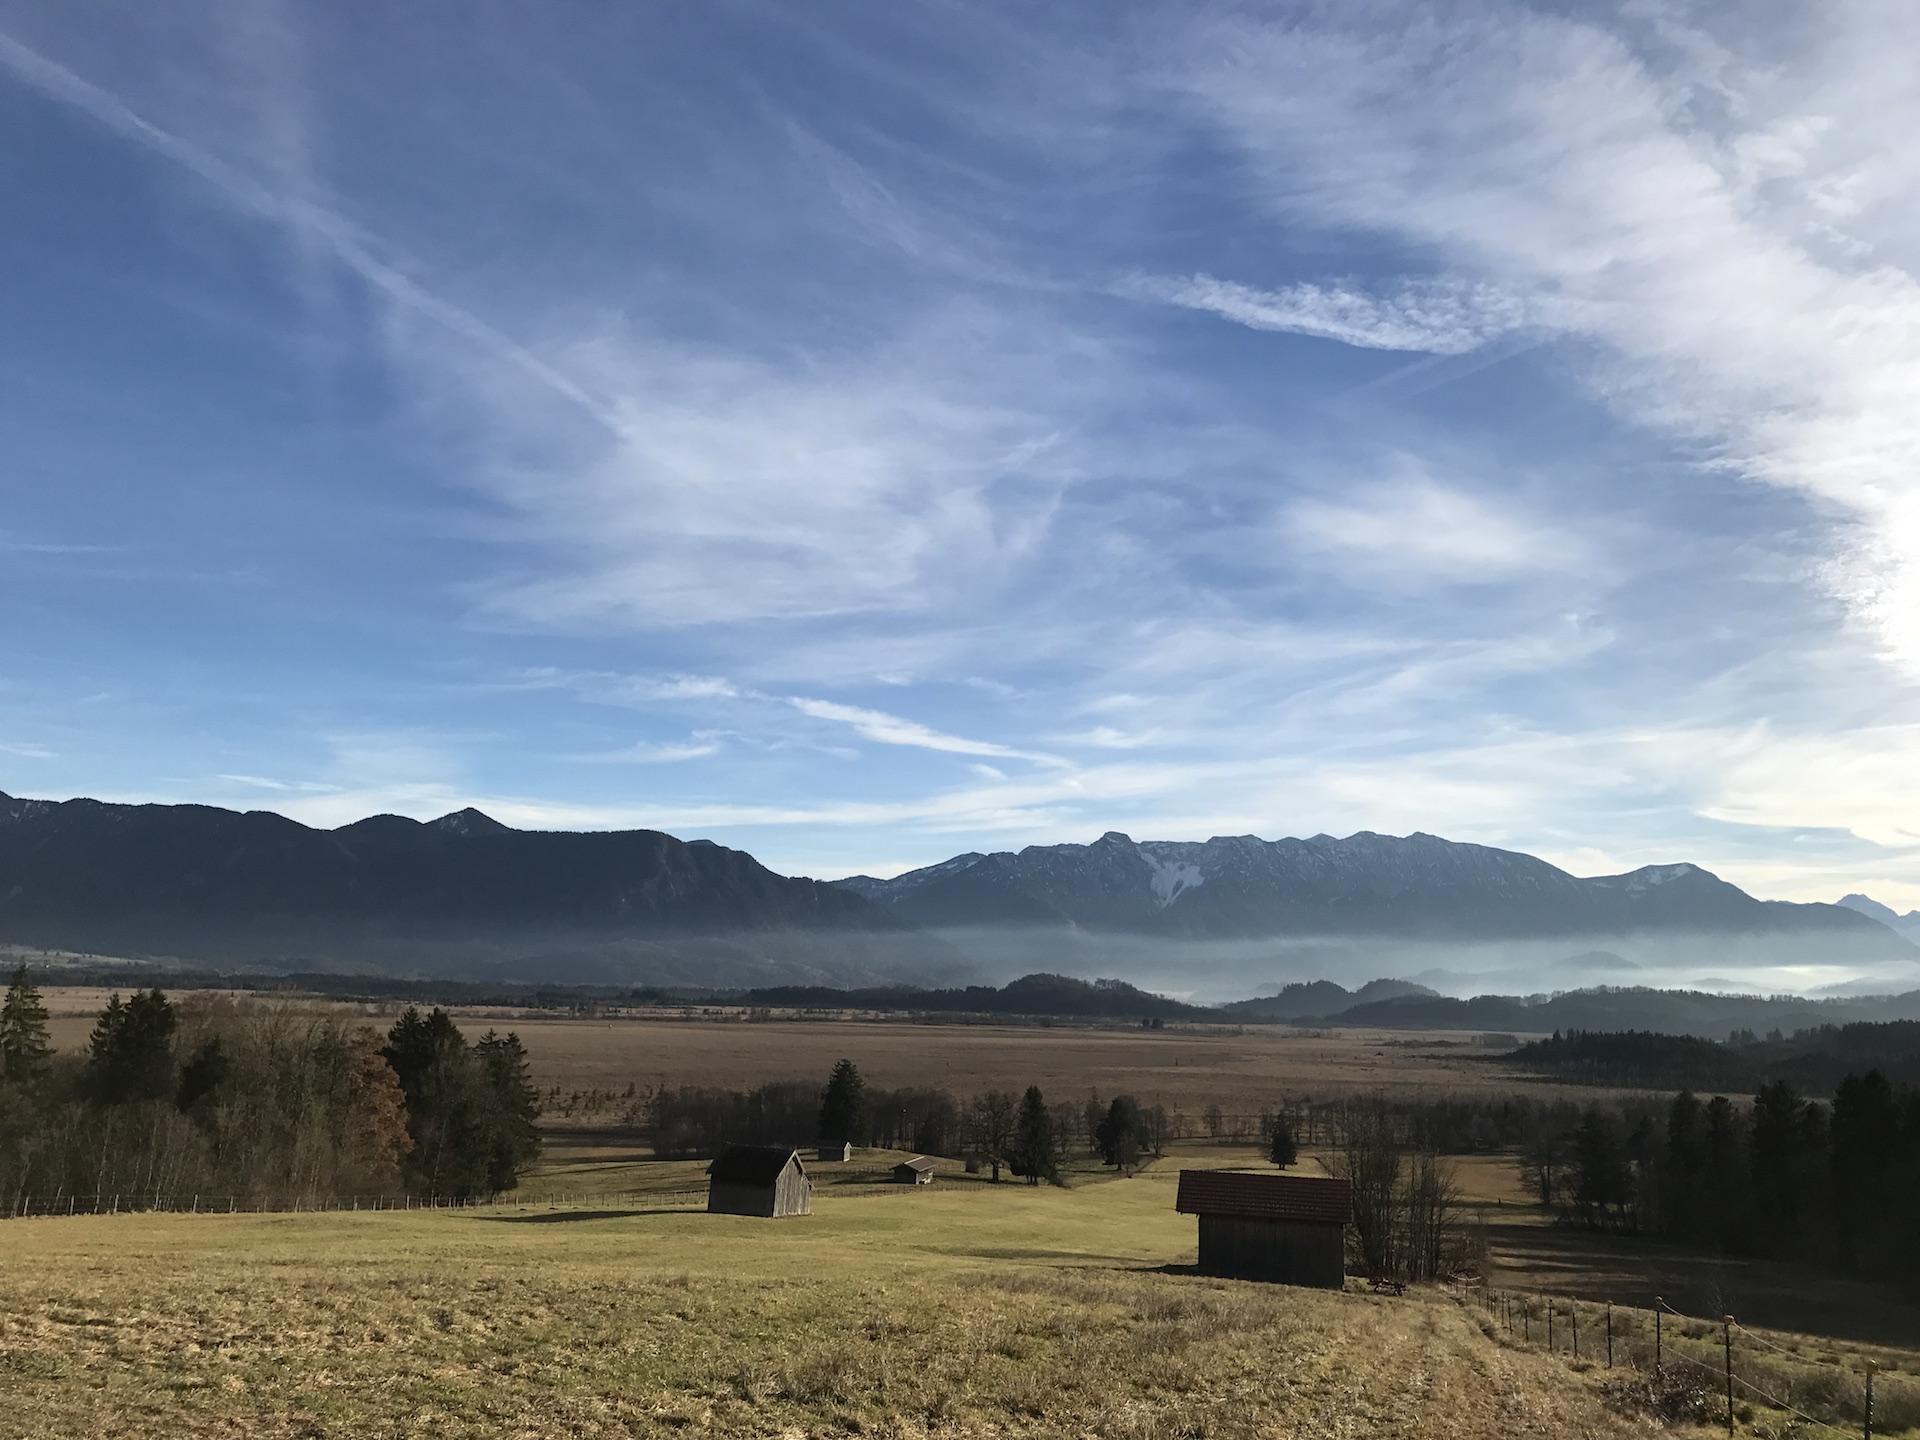 Murnau am Staffelsee – Auf der Suche nach den ersten Schneeflocken